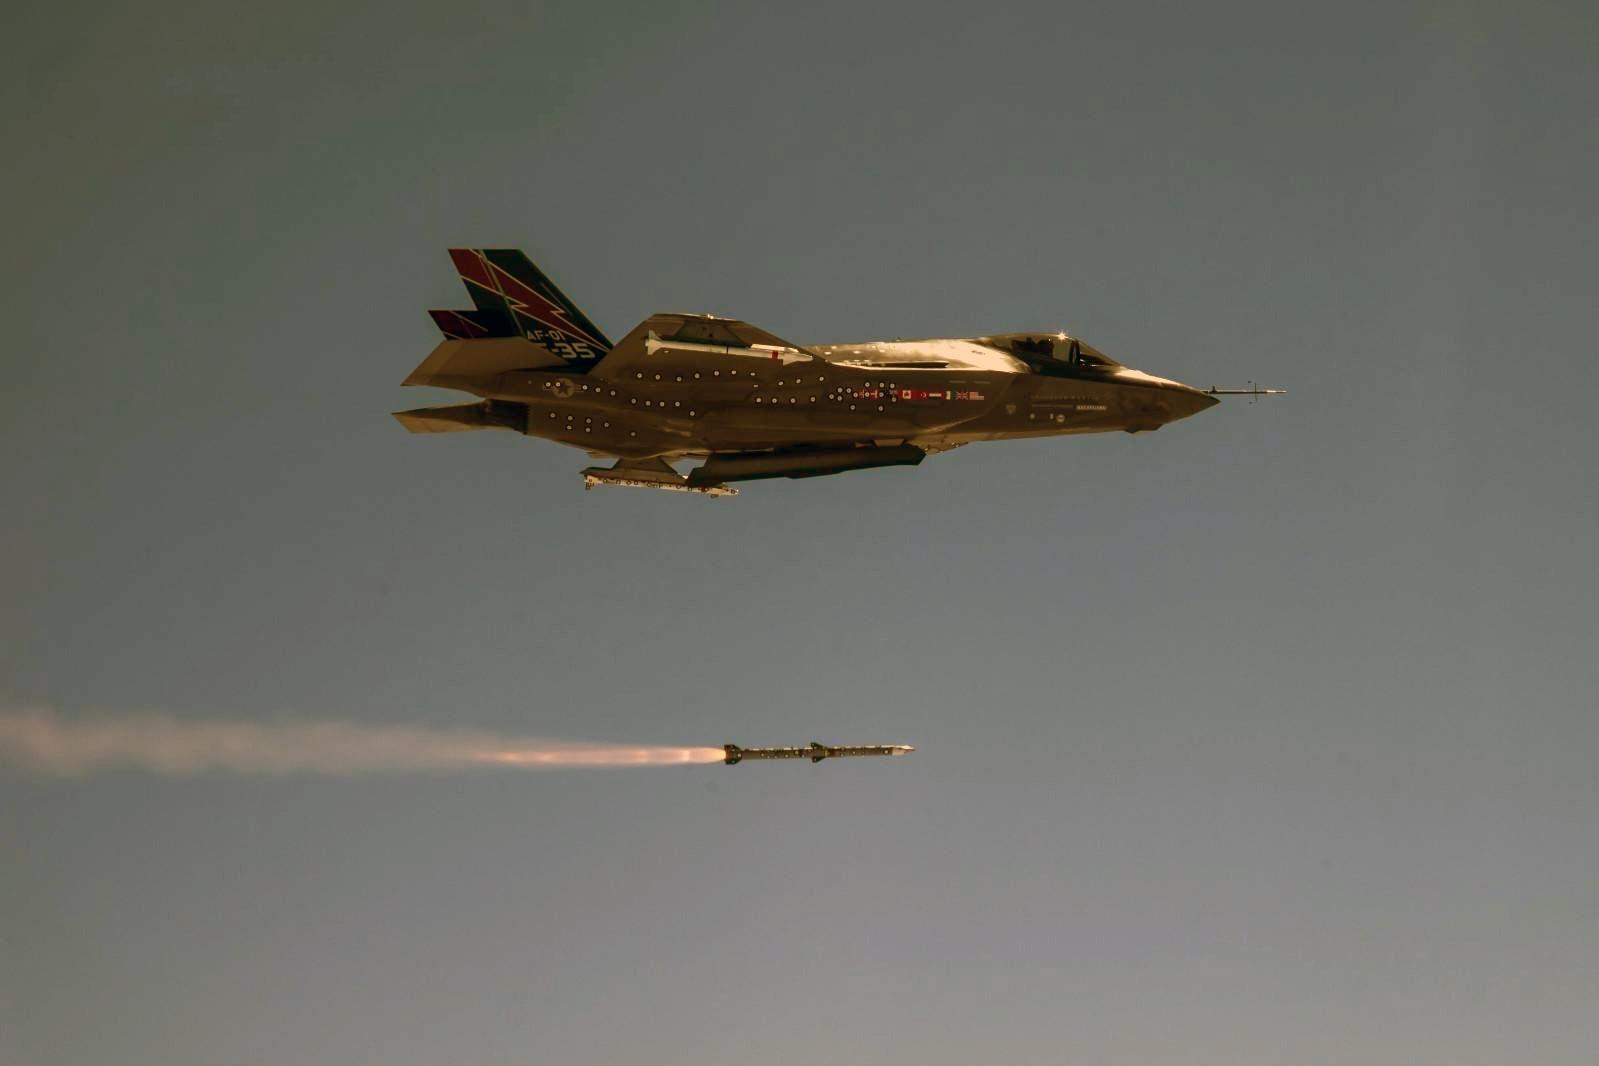 中国的巡航导弹走向世界 该套系统首先出口到俄罗斯